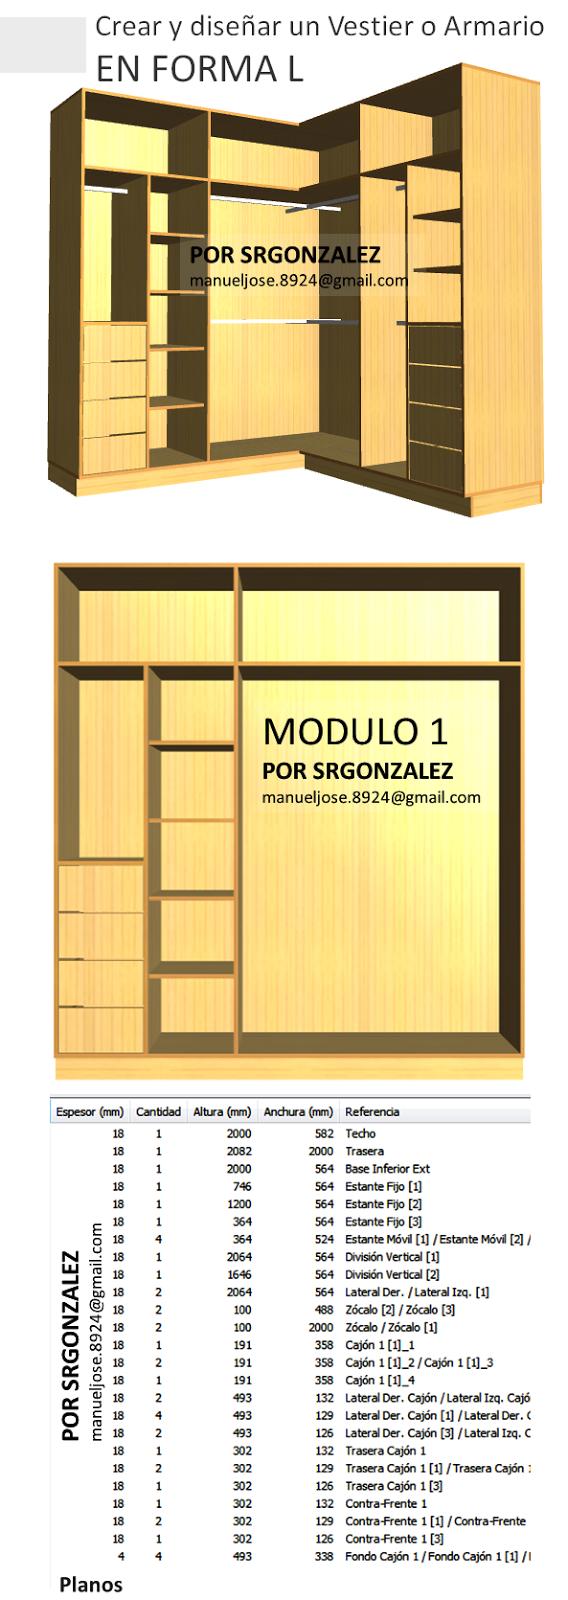 Dise o de muebles madera crear y dise ar un vestier o - Armario en l ...